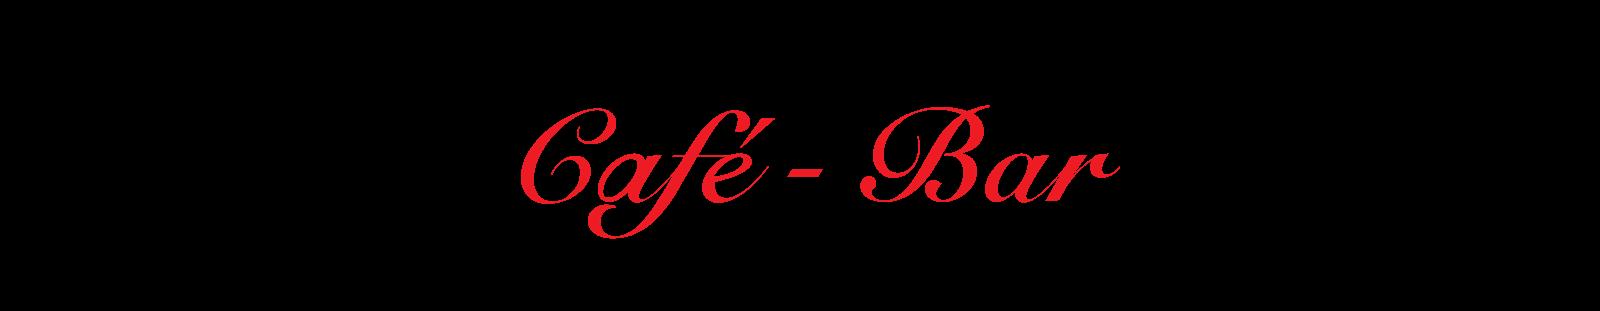 CENTRAL CAFE-BAR